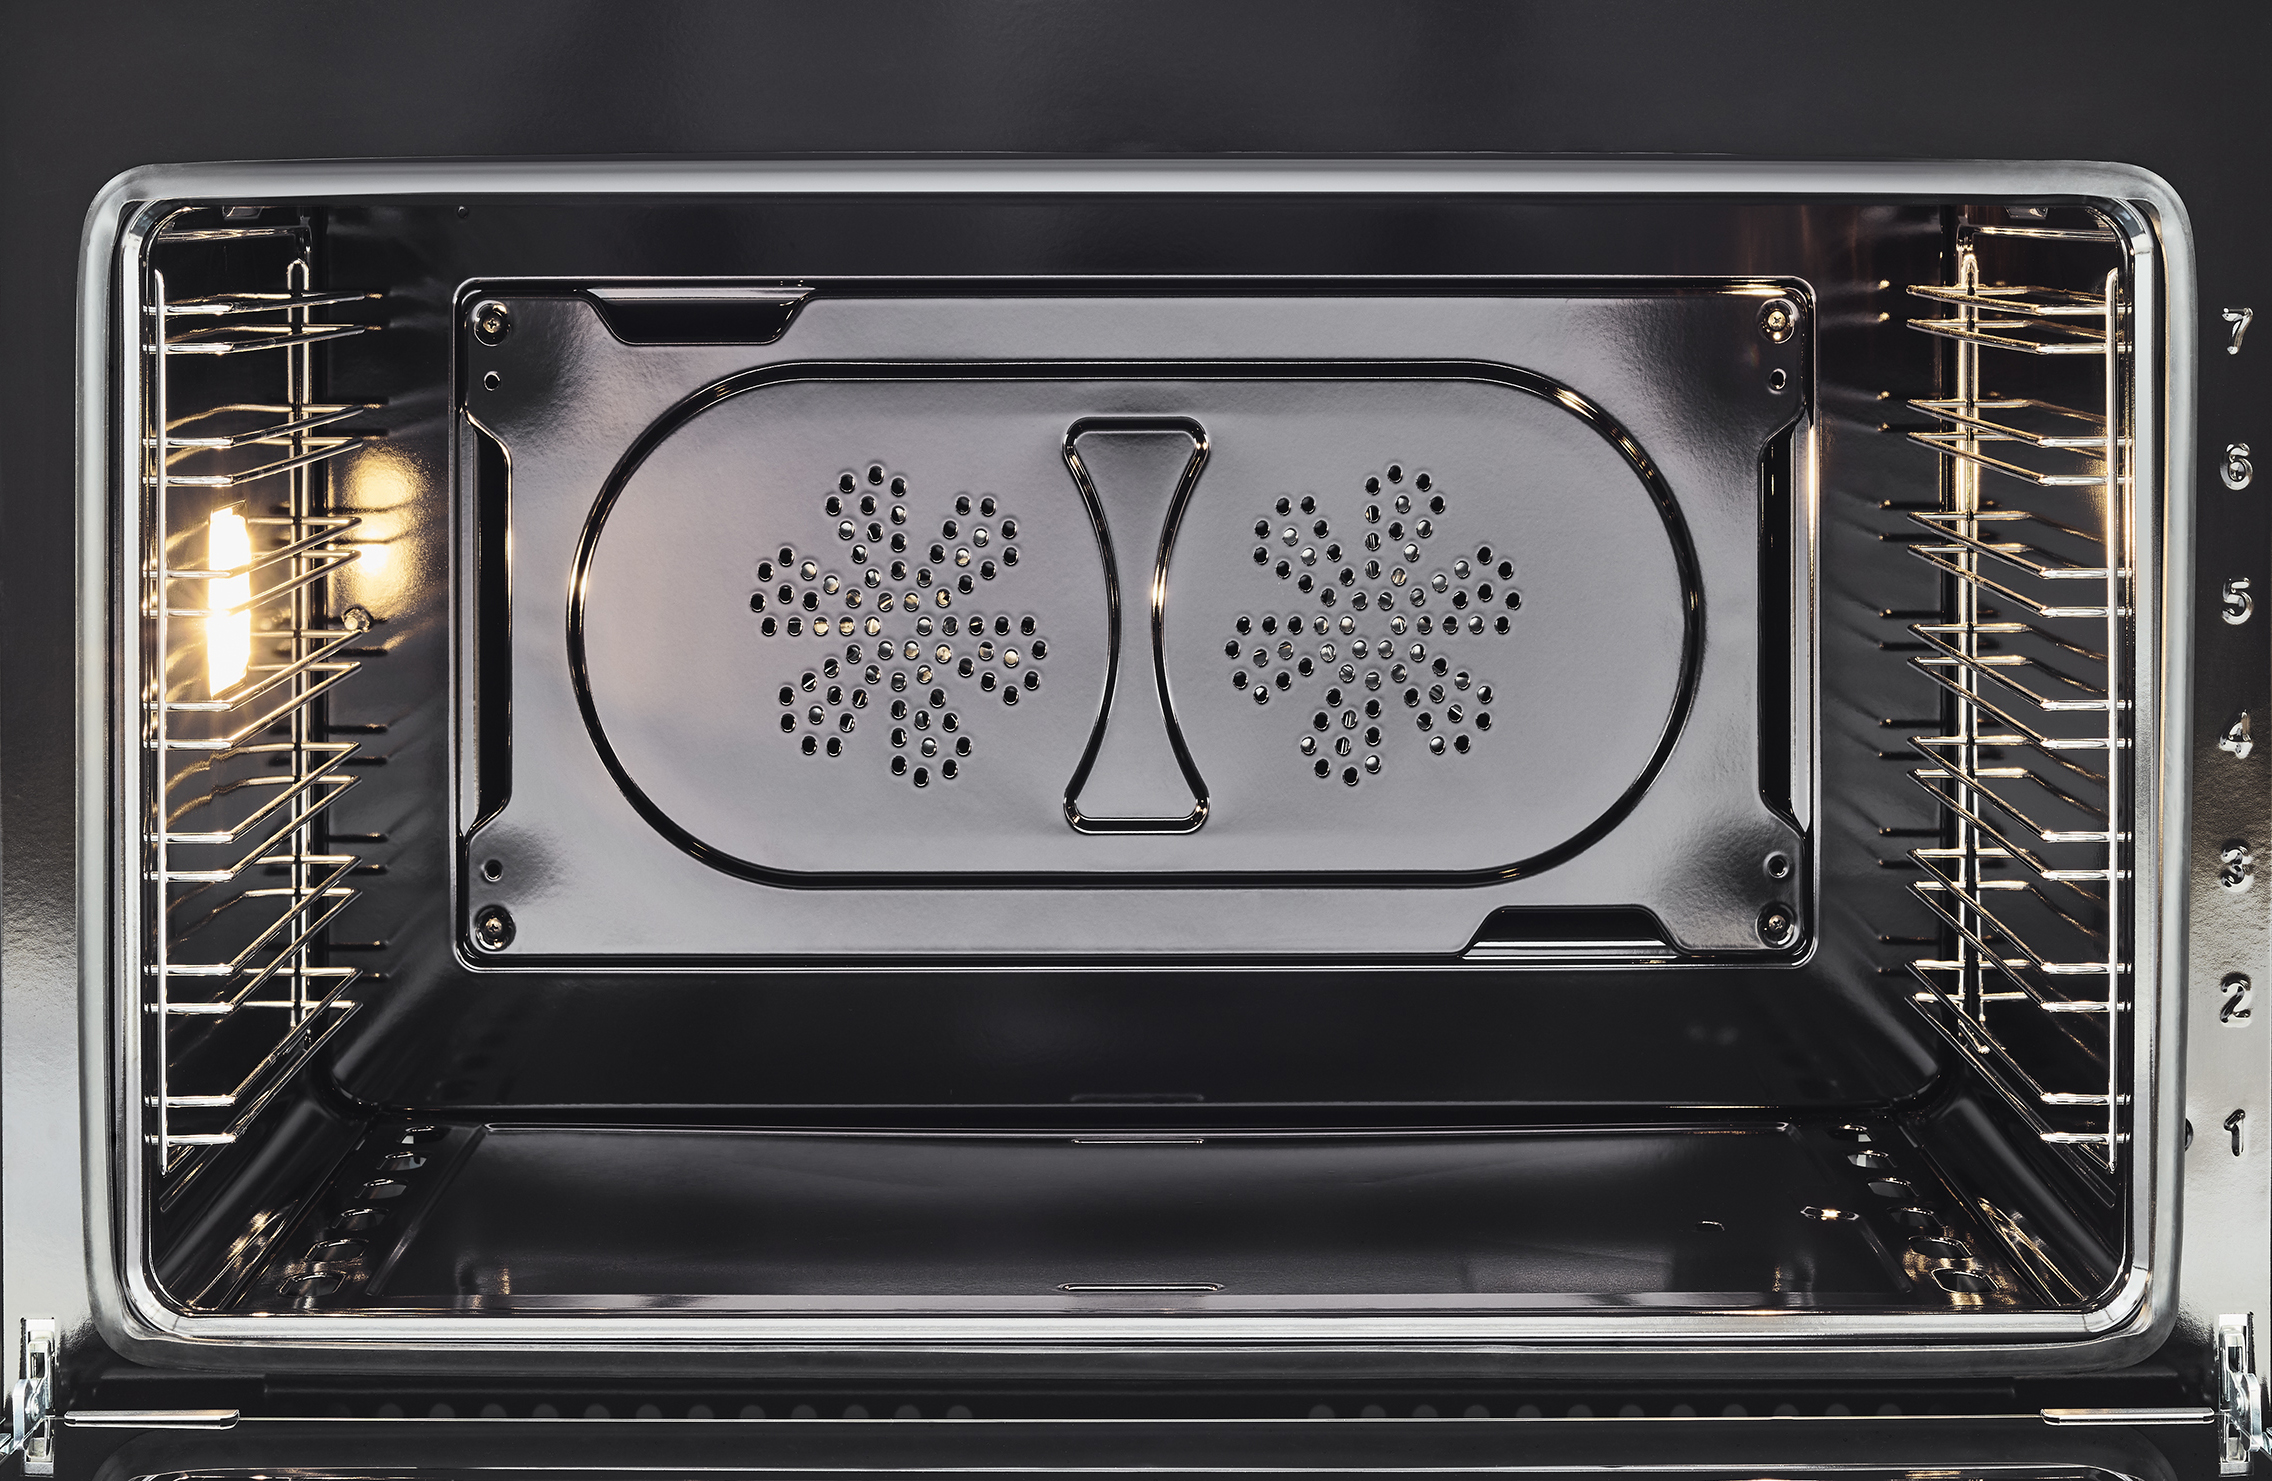 """Model: PROF304GASXT   Bertazzoni 30"""" Professional Series range - Gas oven - 4 brass burners"""